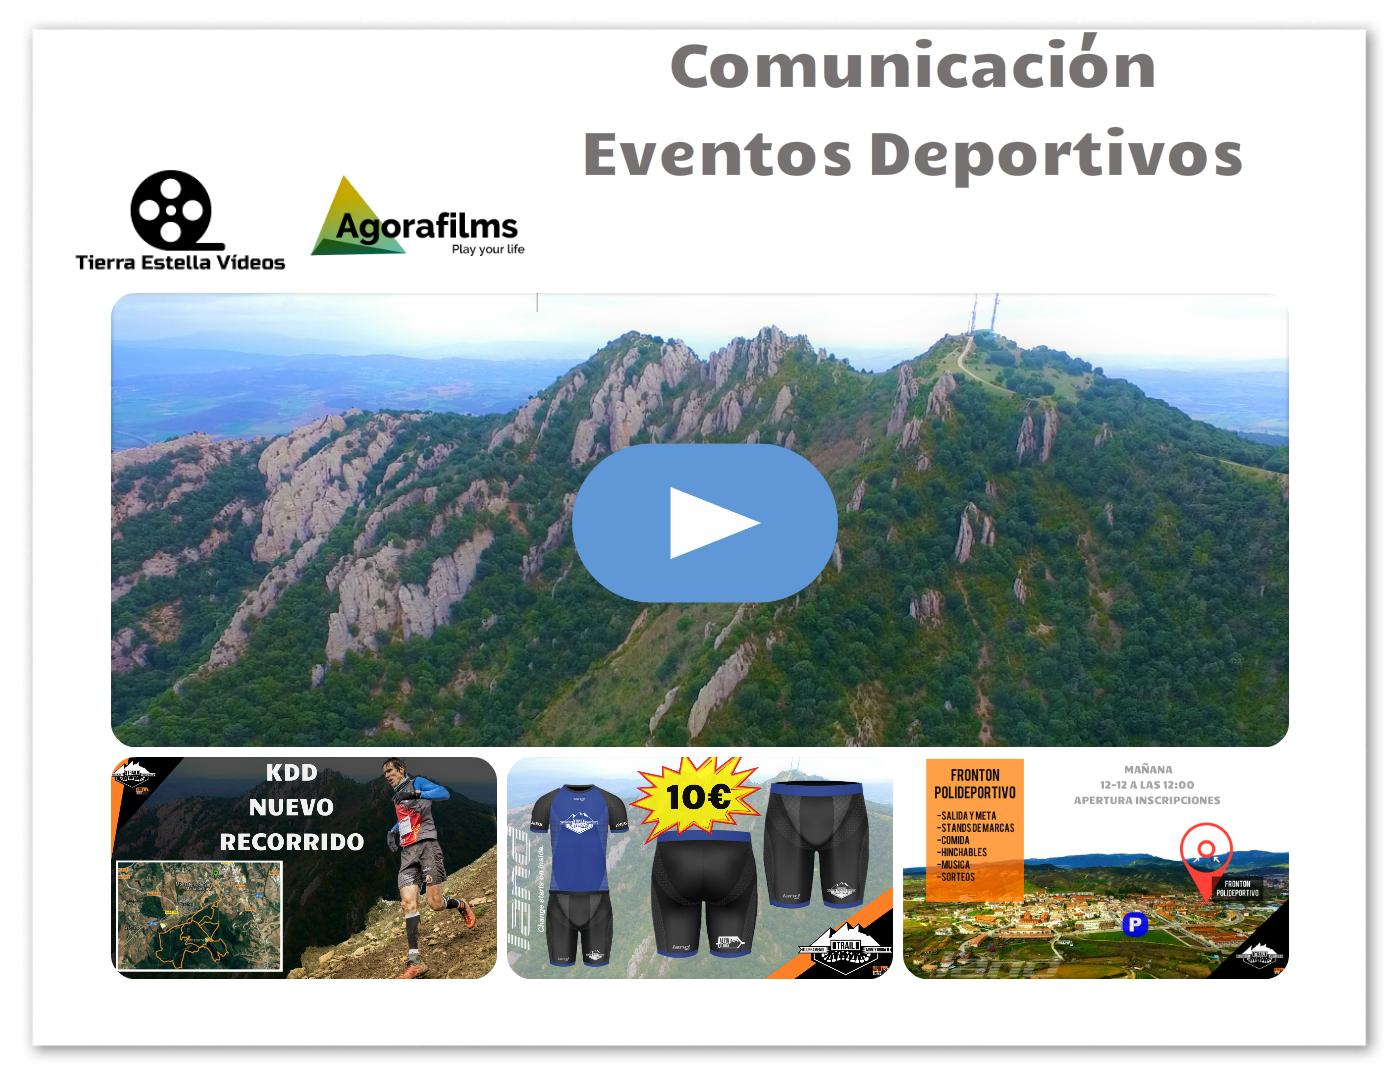 Comunicación eventos deportivos